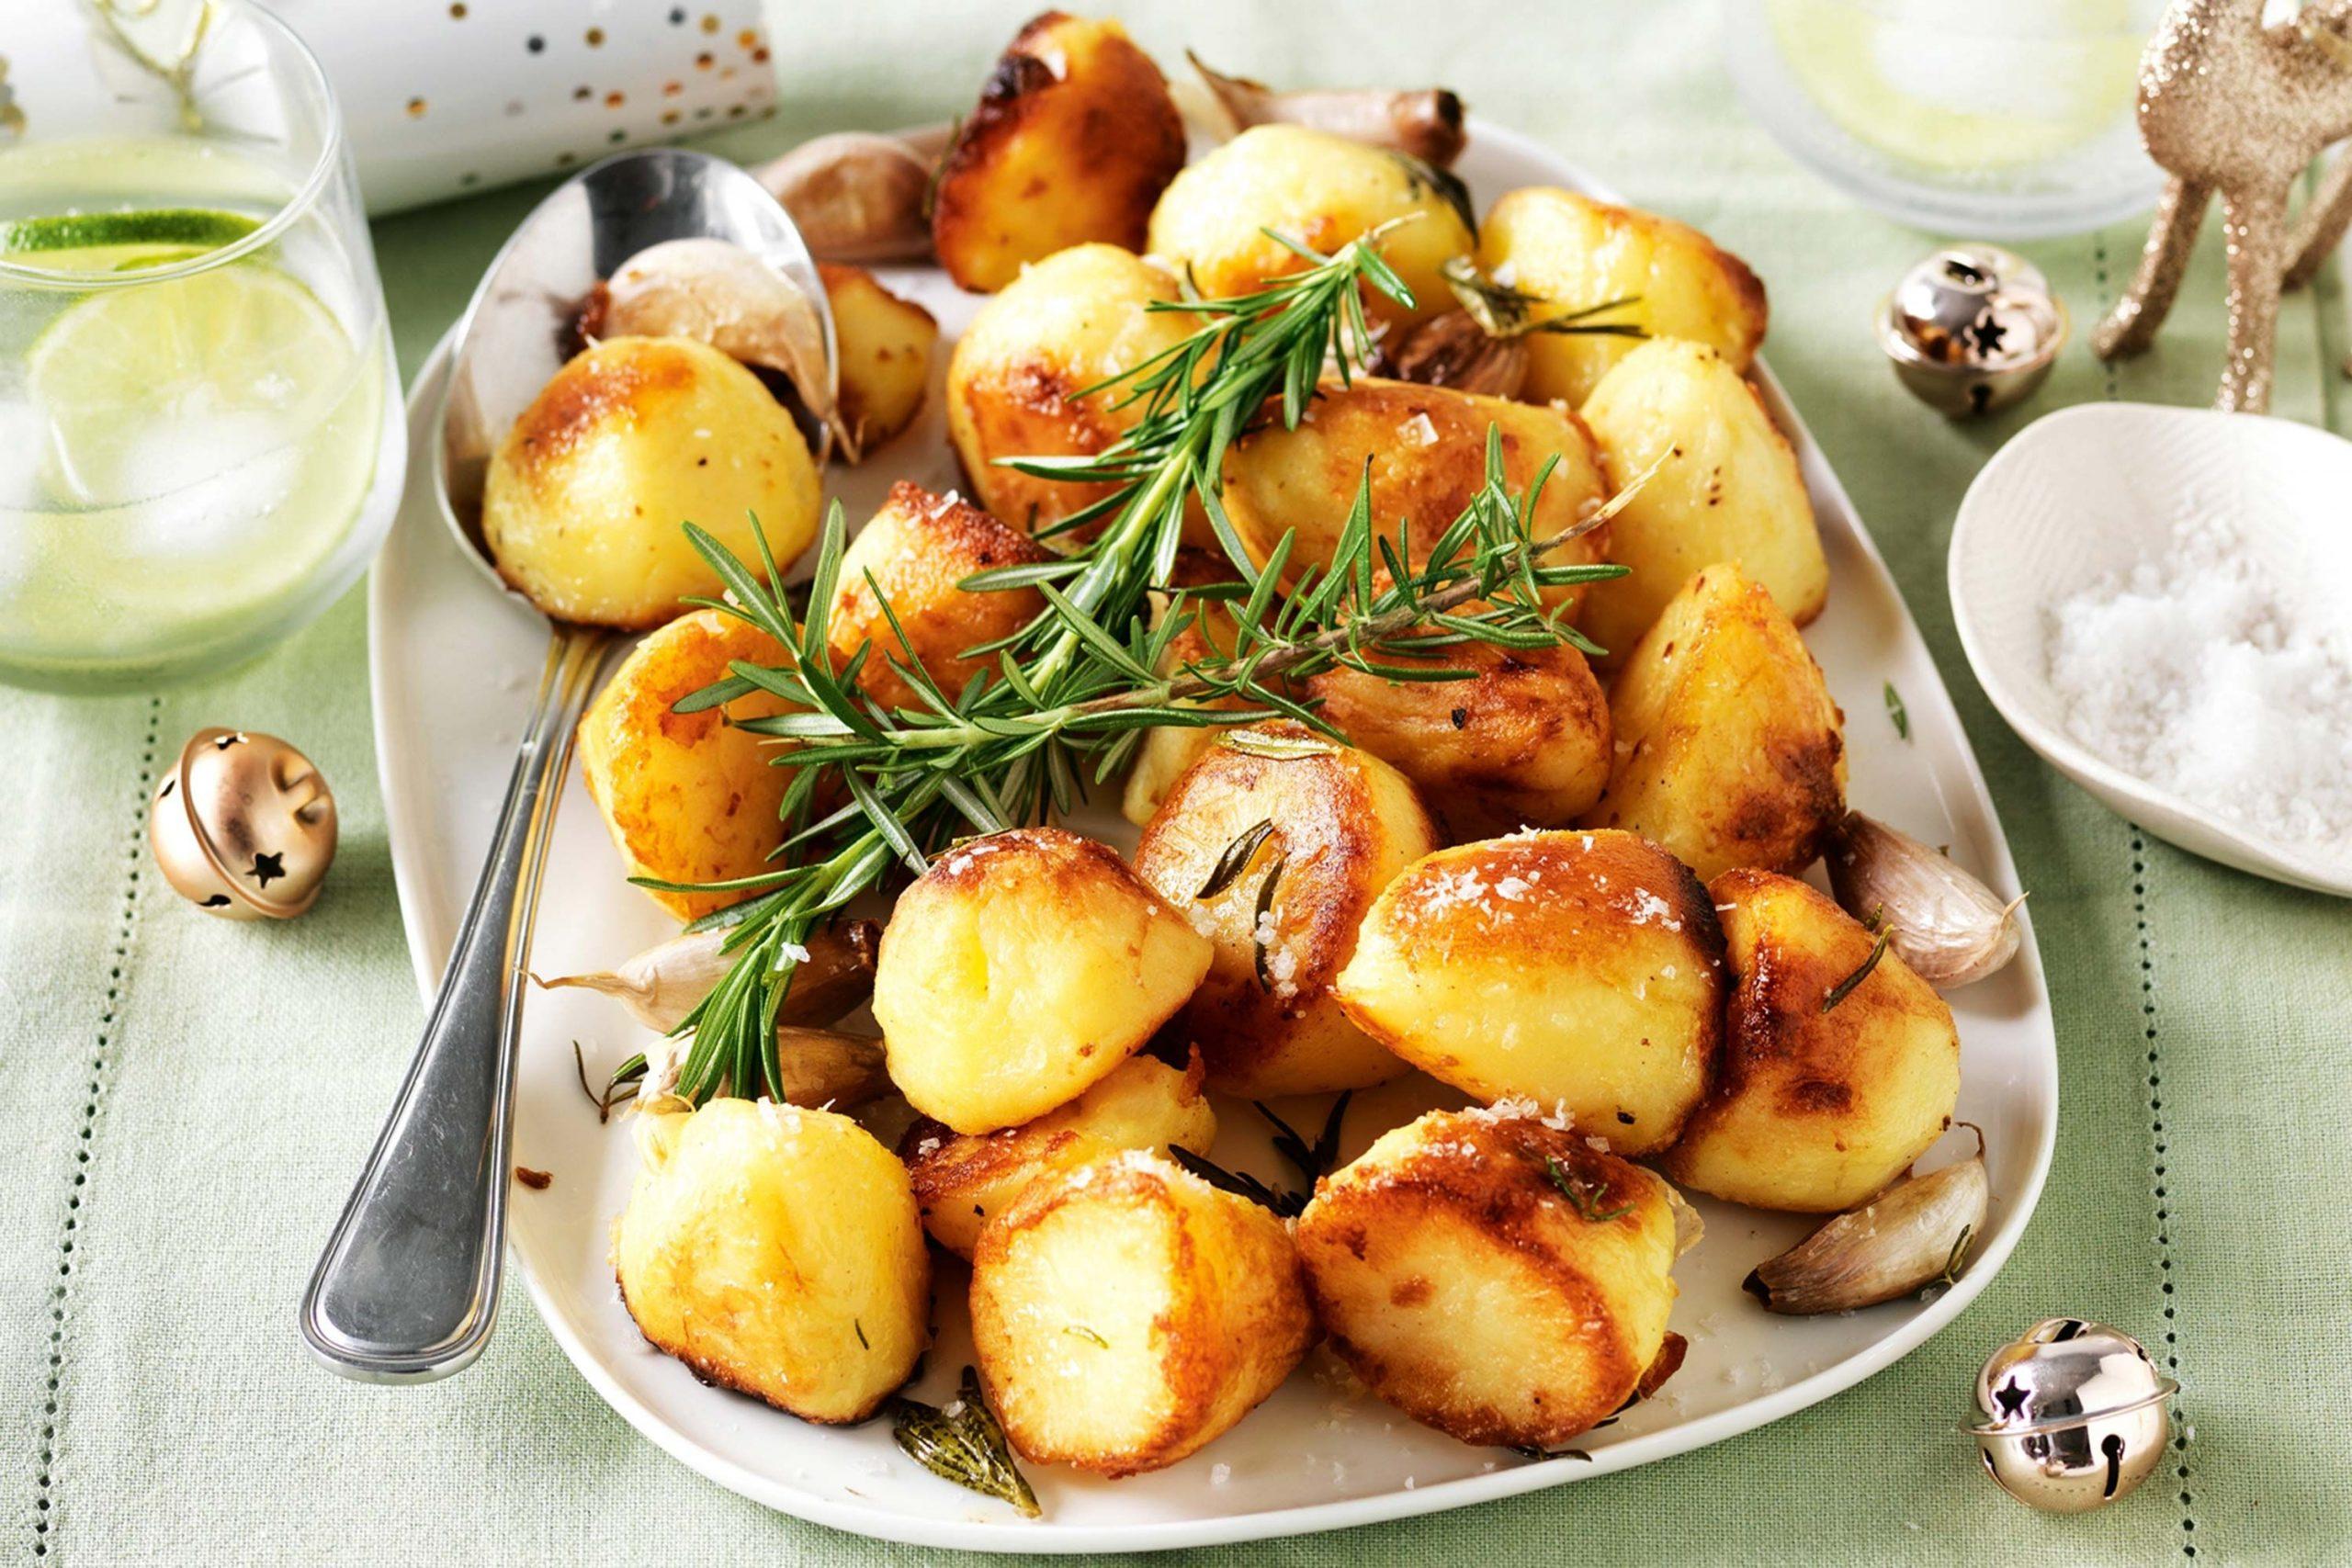 Hrskavi krompir sa bijelim lukom i ruzmarinom